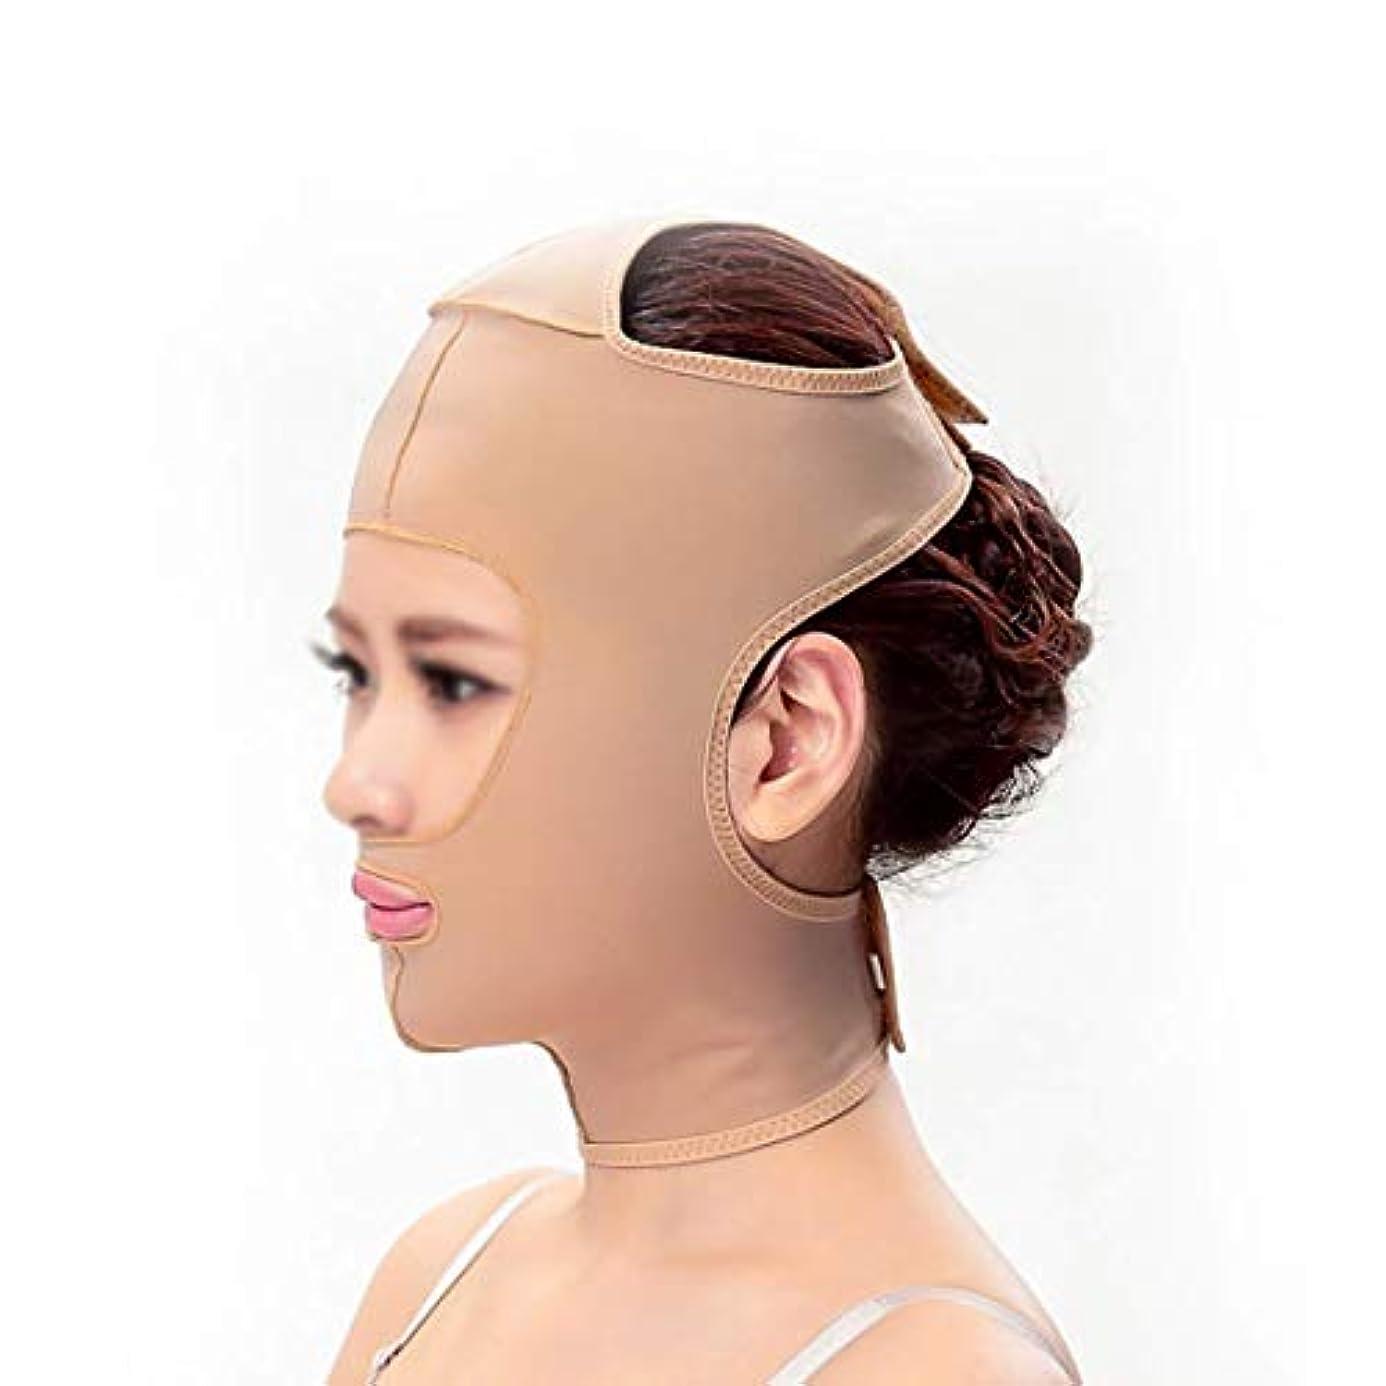 弾性ウォーターフロント路面電車スリミングベルト、フェイシャルマスク薄いフェイスマスク布布パターンを持ち上げるダブルあご引き締めフェイシャルプラスチック顔アーティファクト強力な顔包帯(サイズ:XXL)